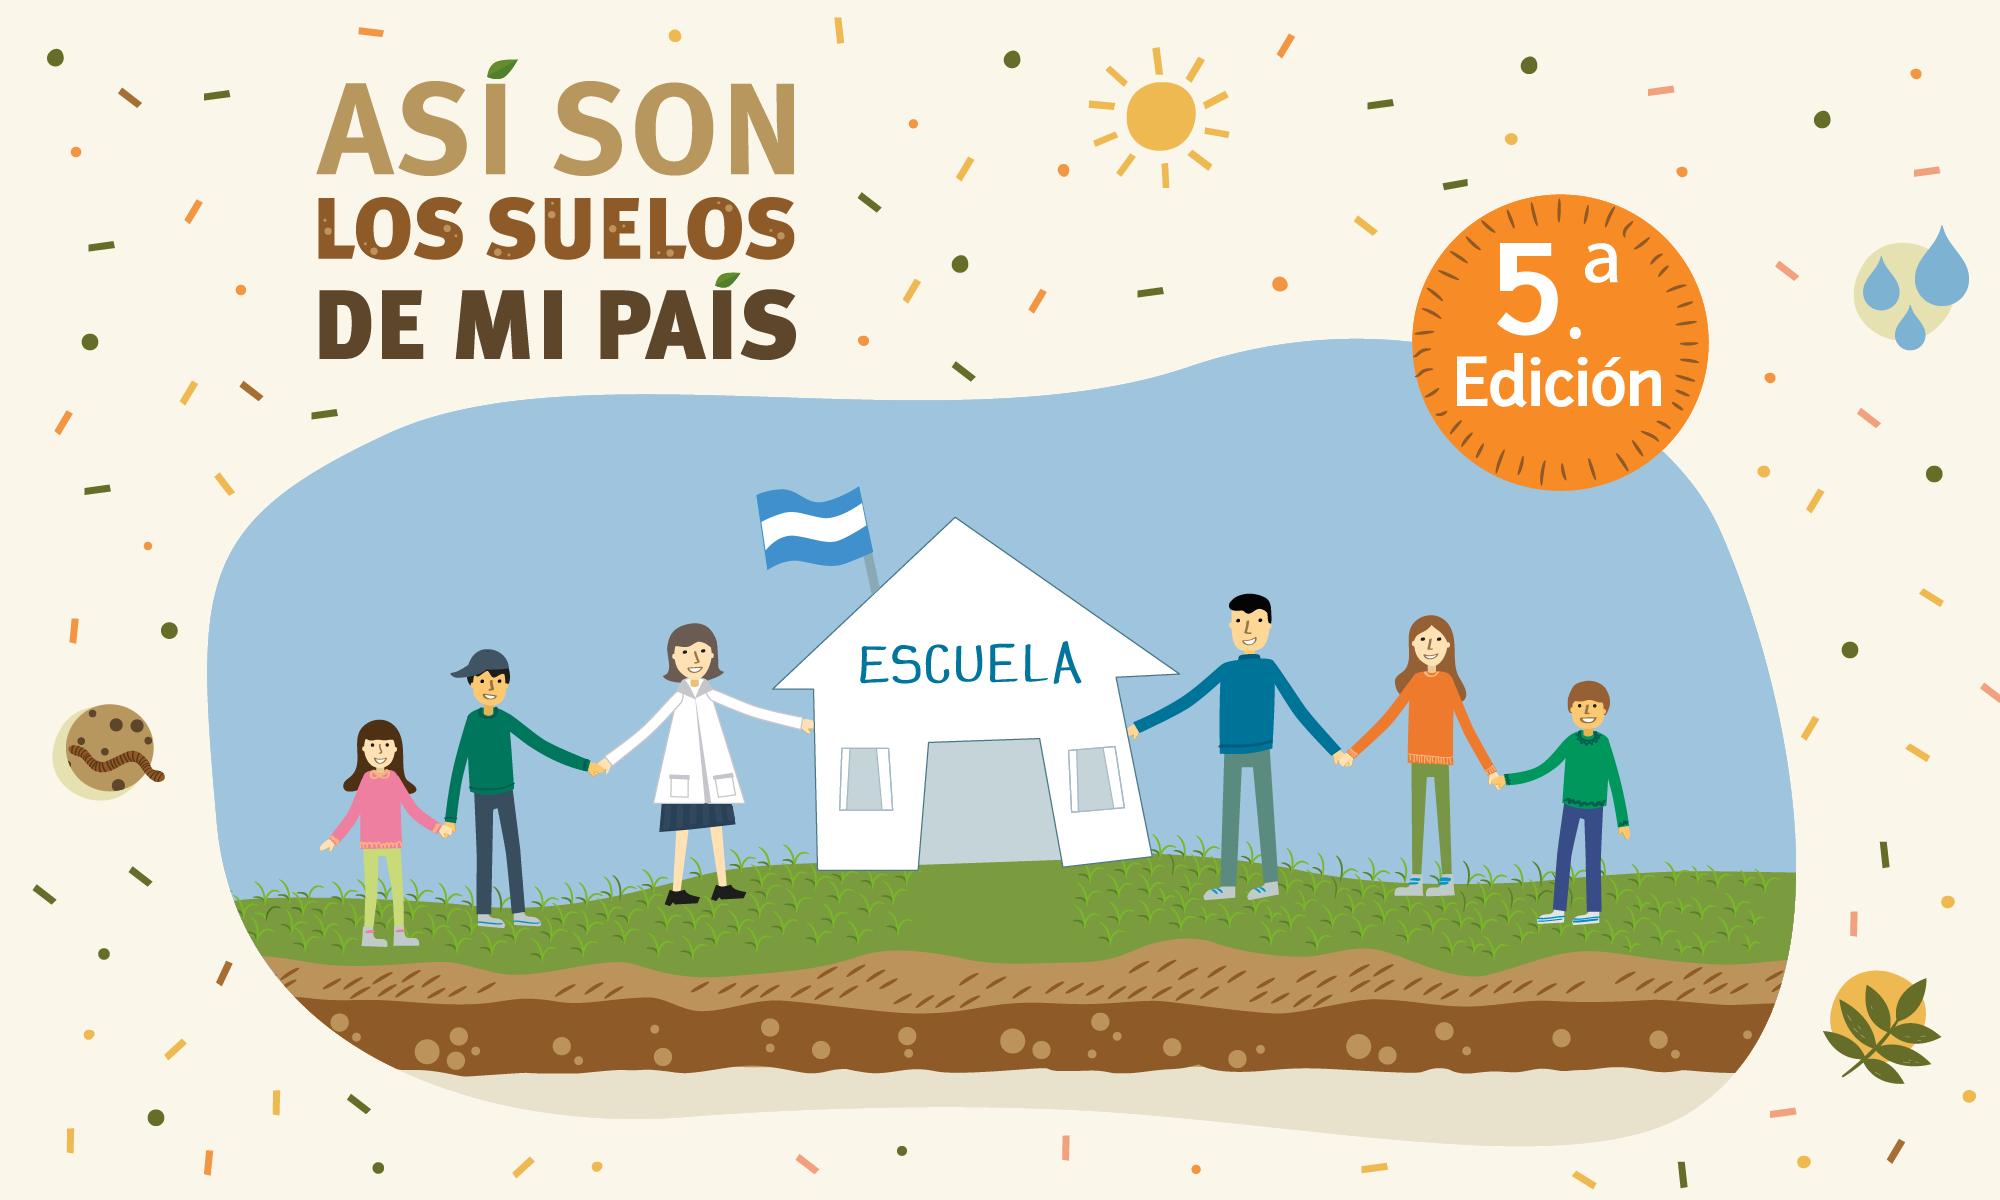 web_asi_son_los_suelos_5ta_edicion_3-10